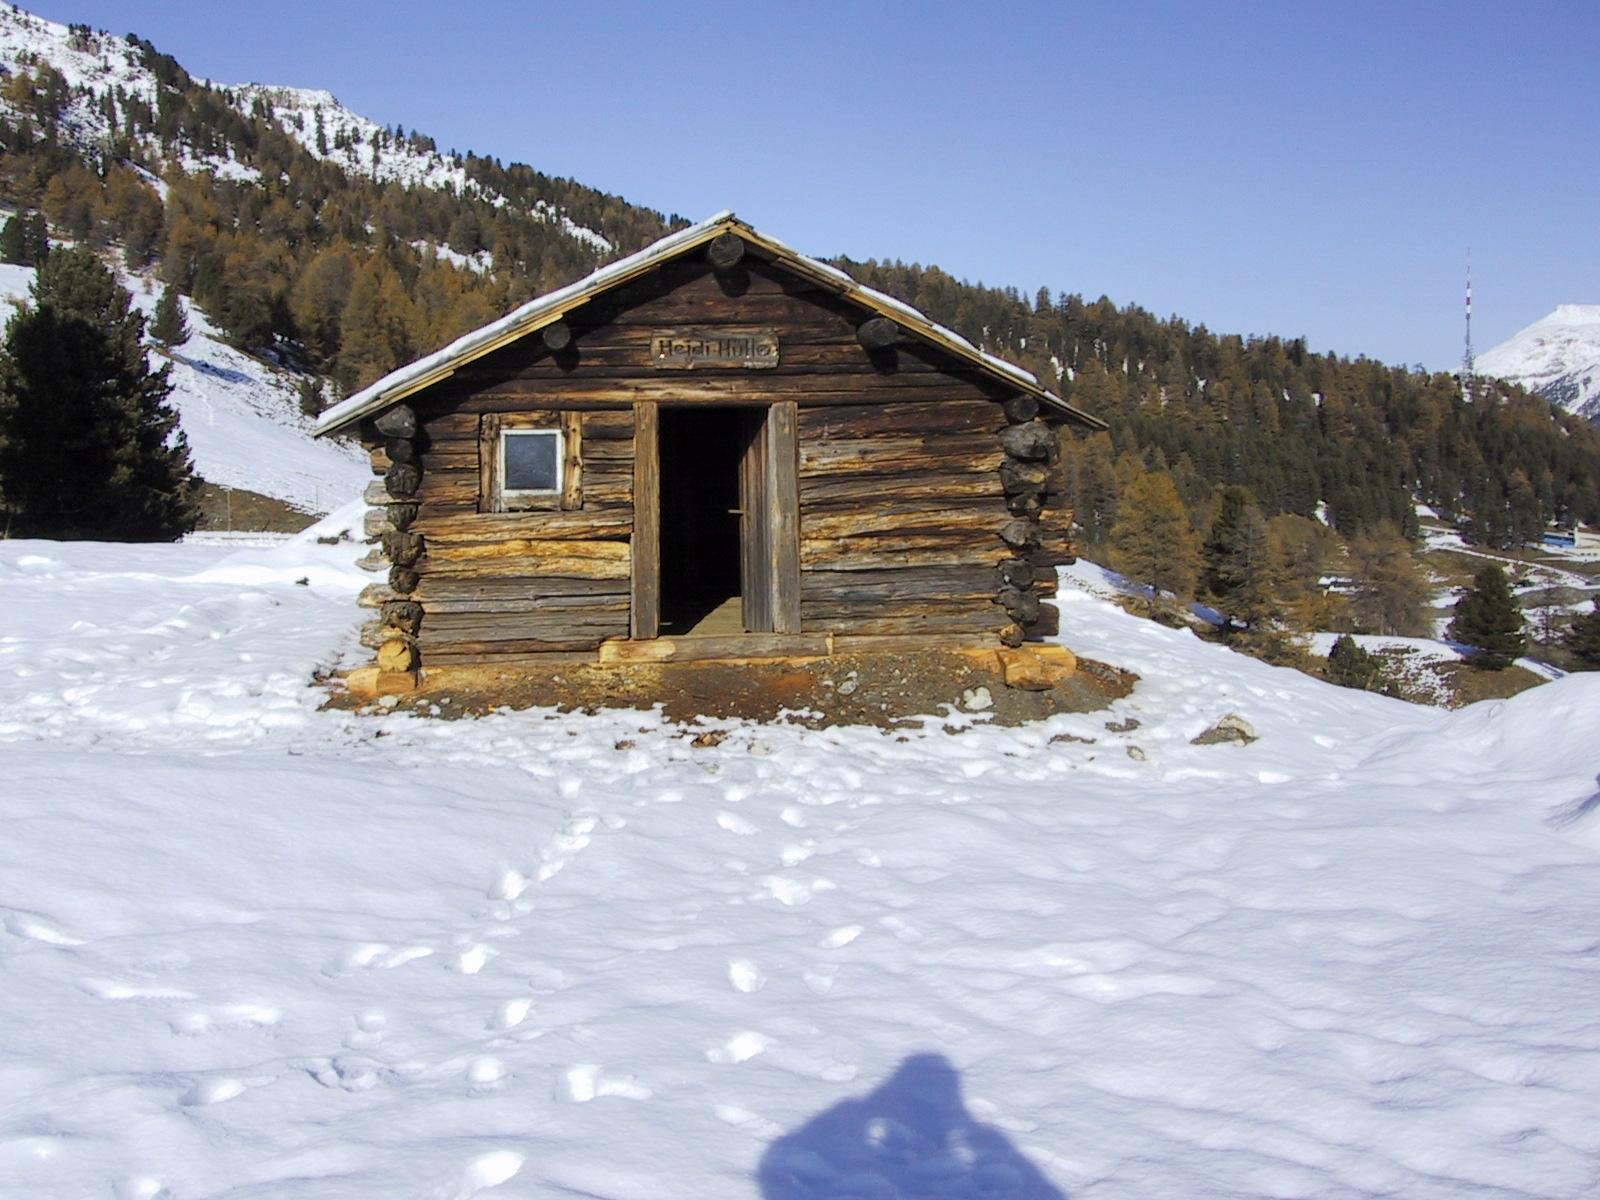 Heidi's Hut, St. Moritz, Engadin